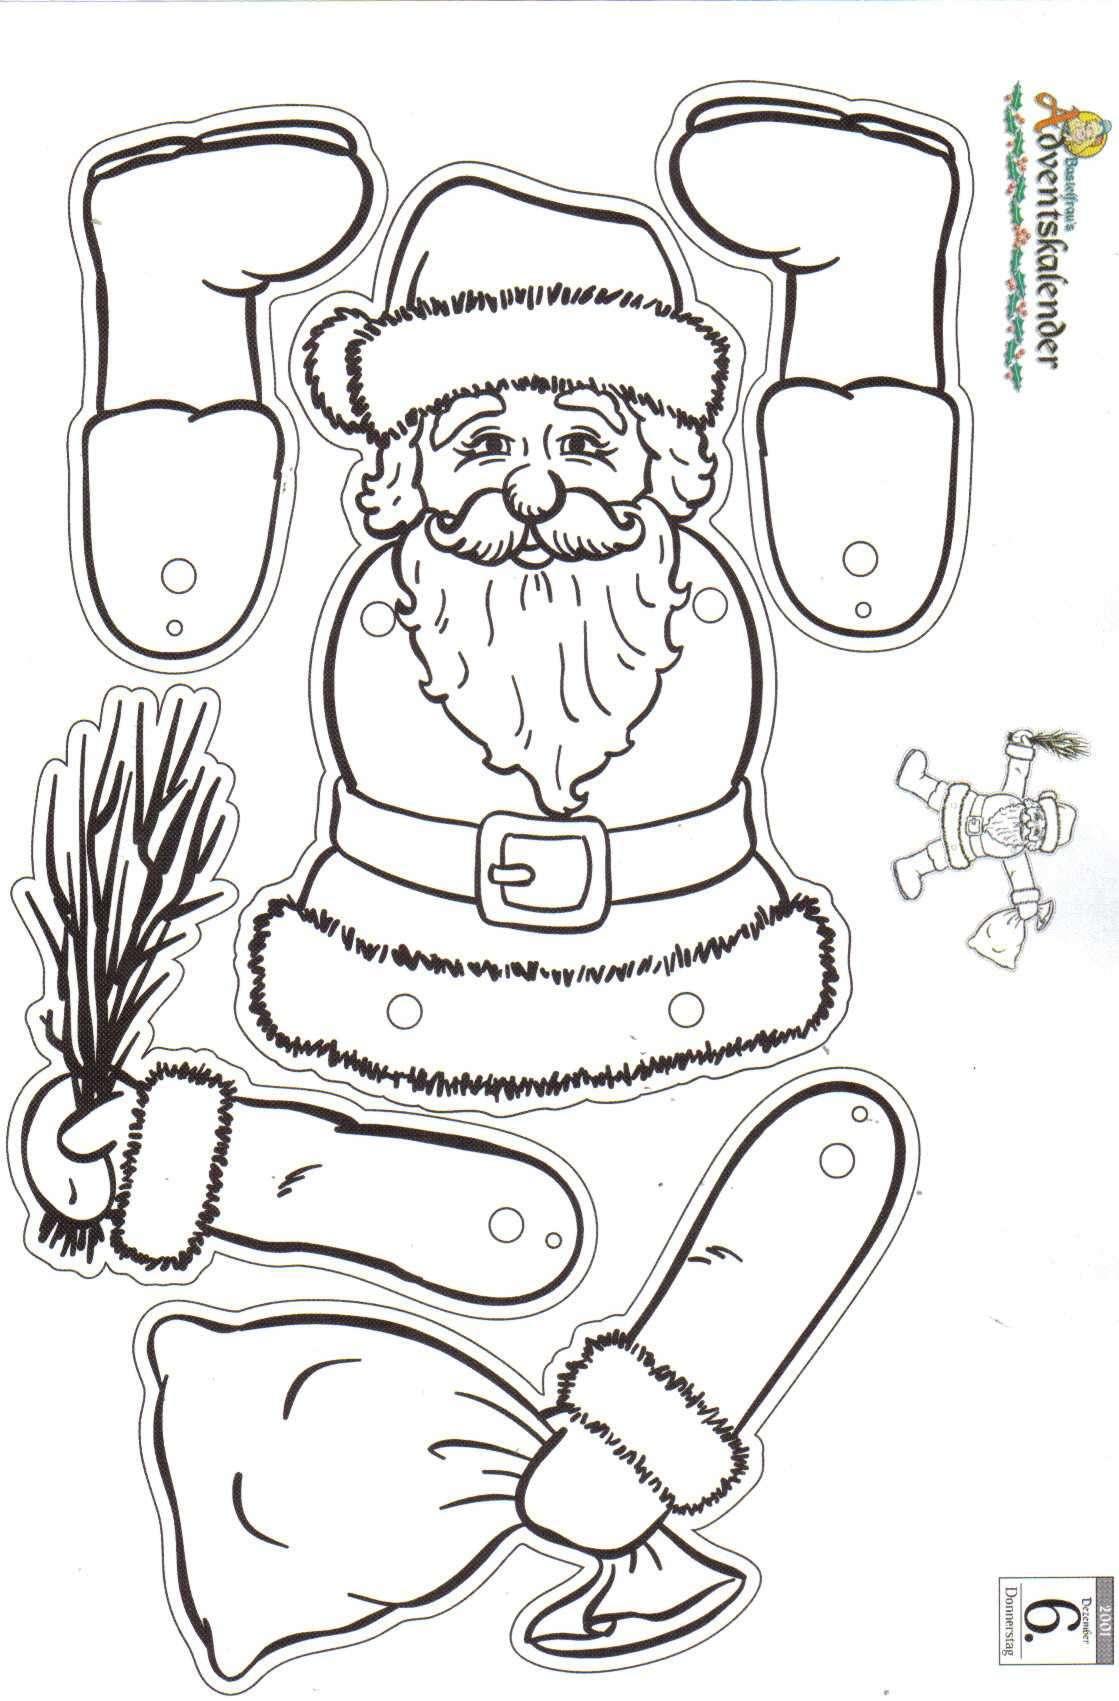 Weihnachtliche Bastelvorlagen   Bastelfrau ® mit Weihnachtsmann Bastelvorlage